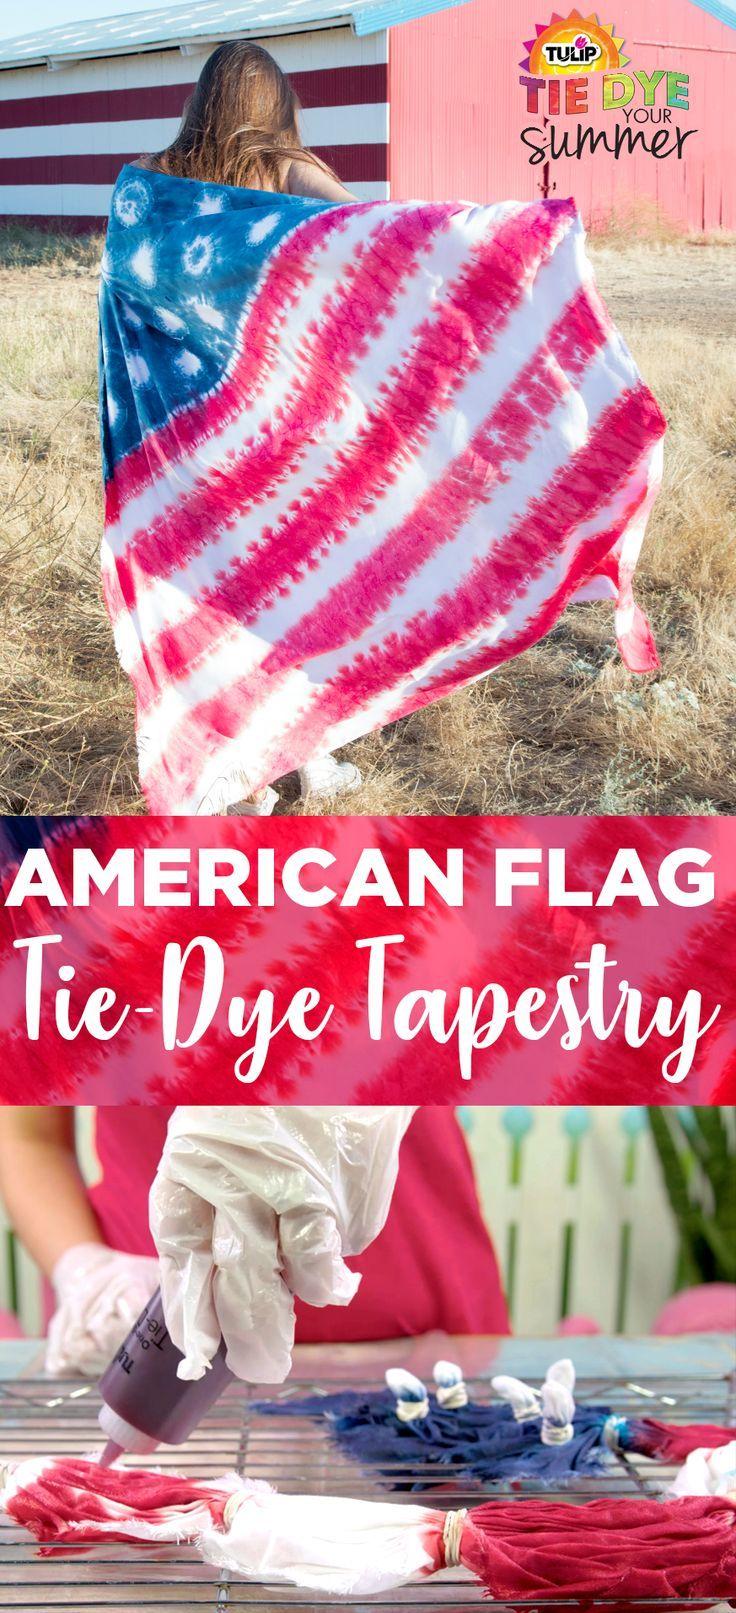 Tie Dye Your Summer In 2020 Tie Dye Tapestry Tie Dye Sheets Tie Dye Kit